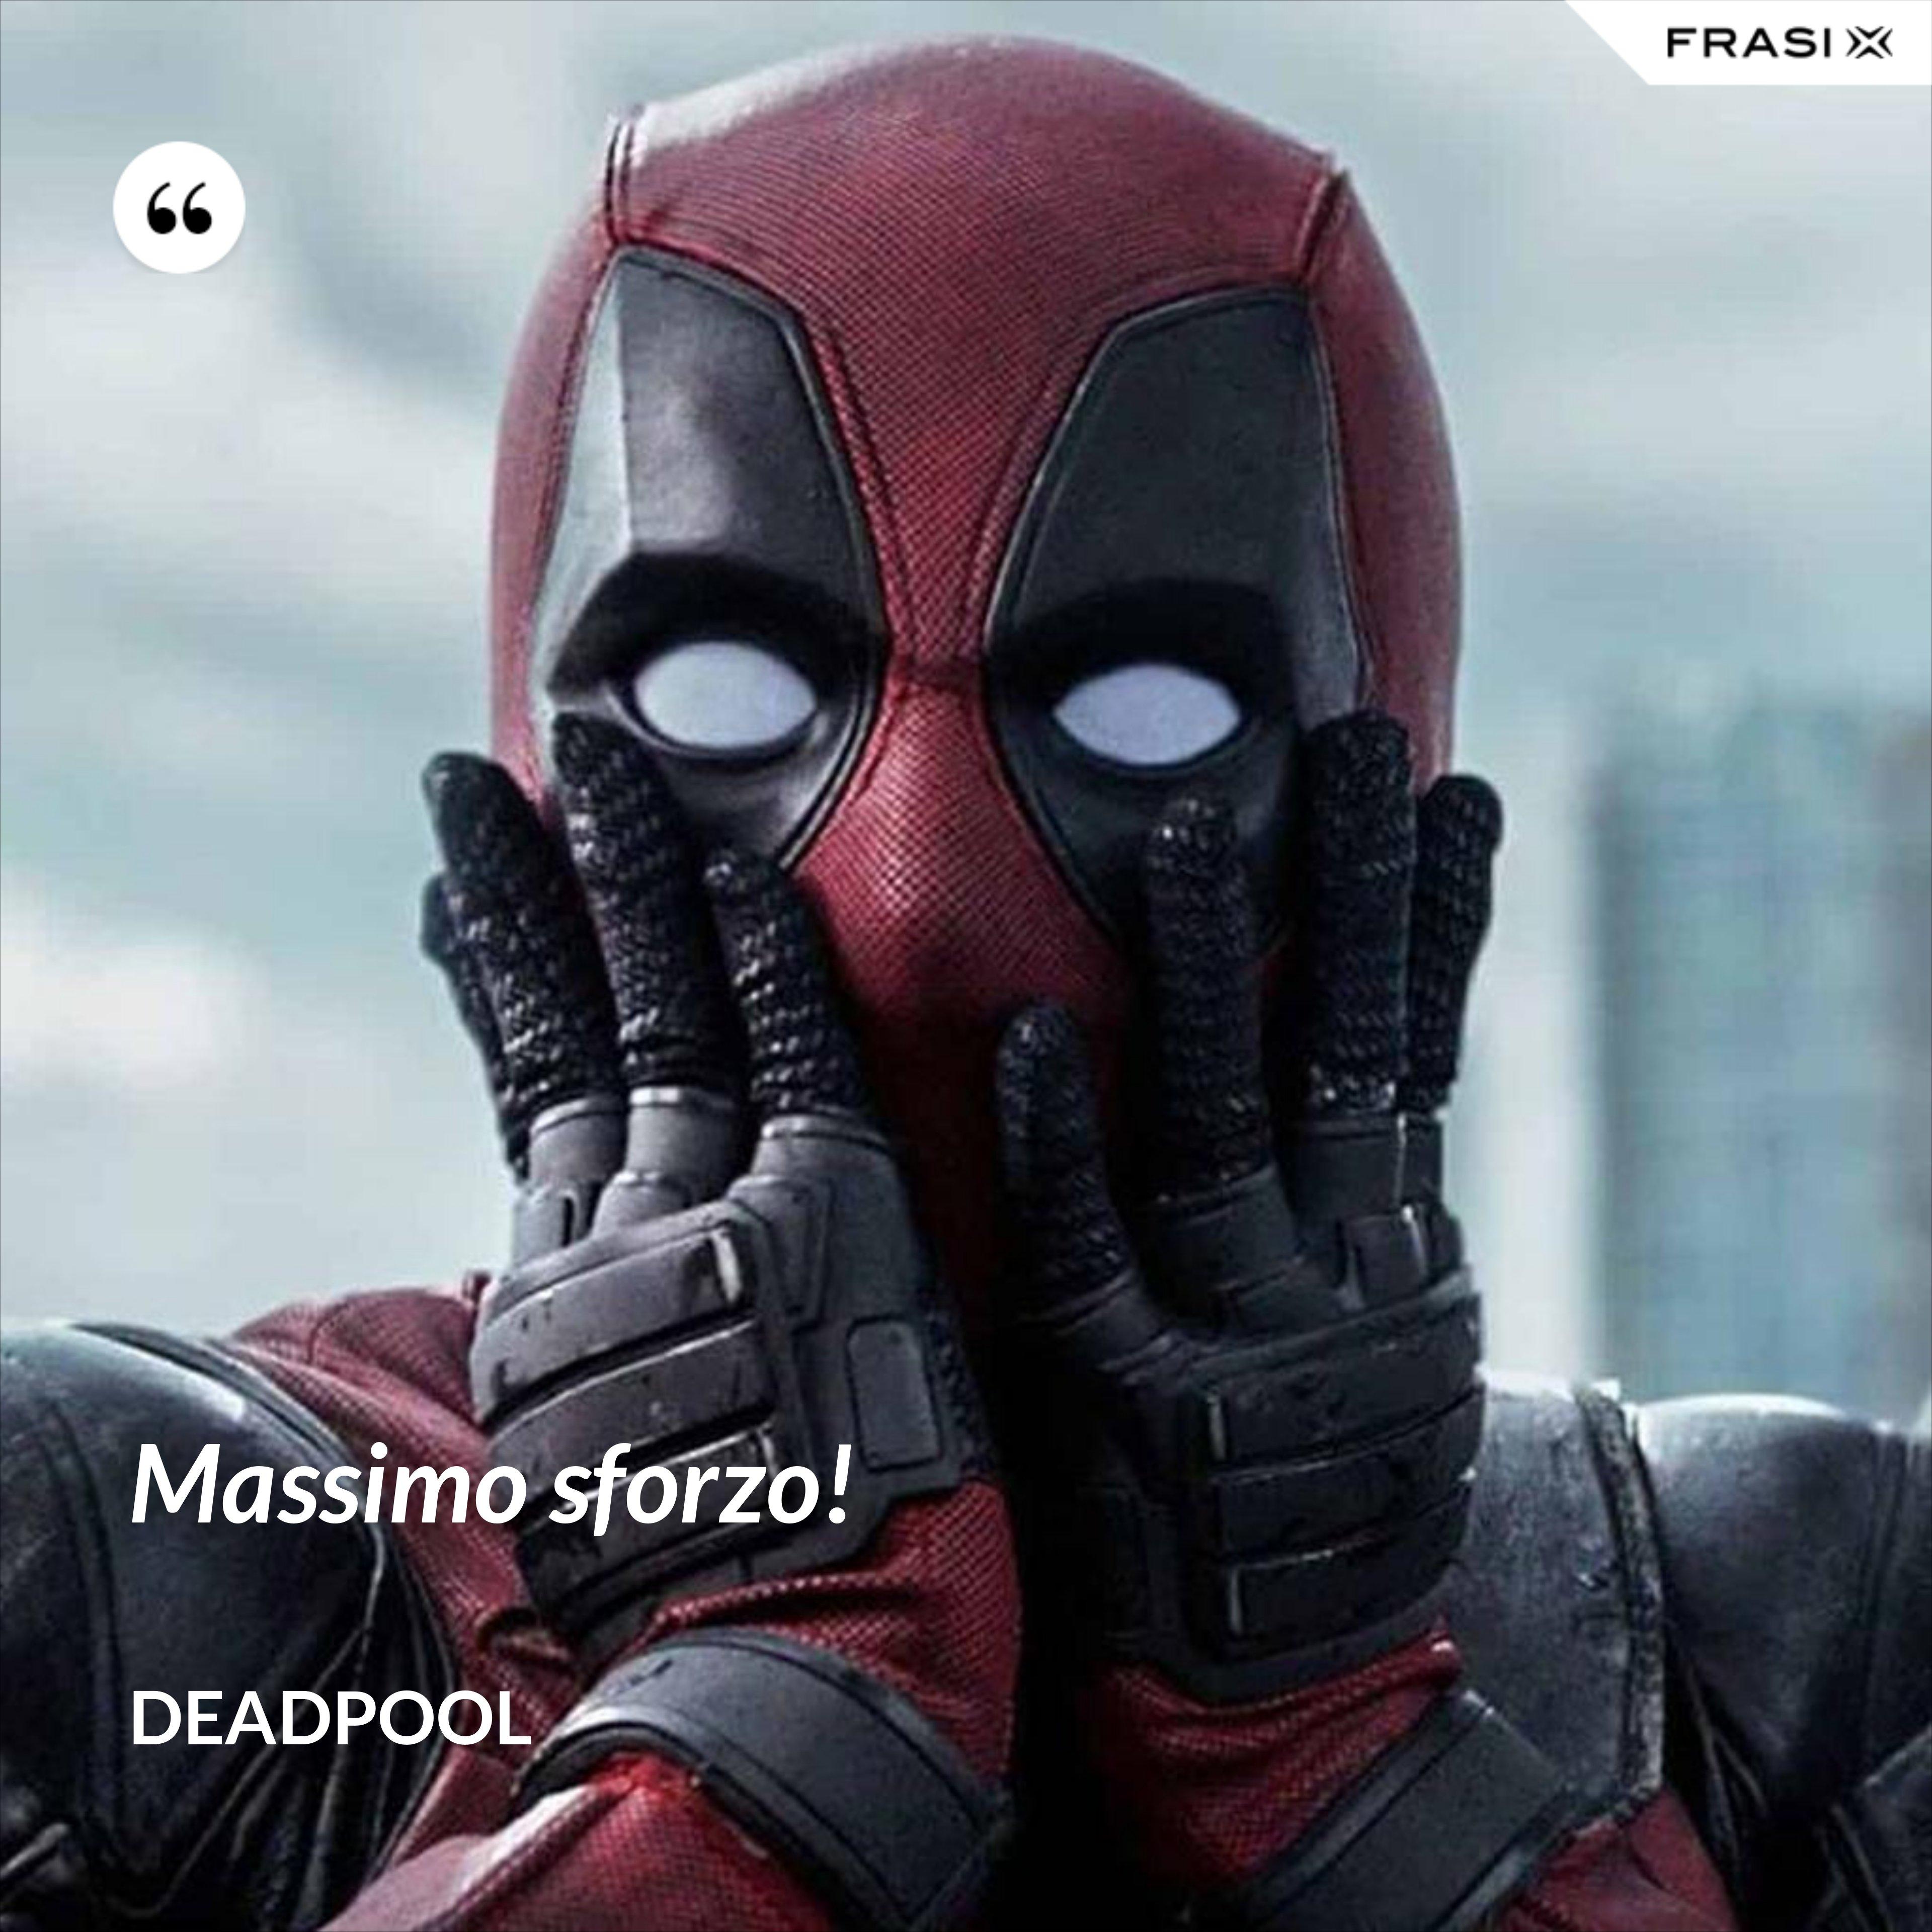 Massimo sforzo! - Deadpool